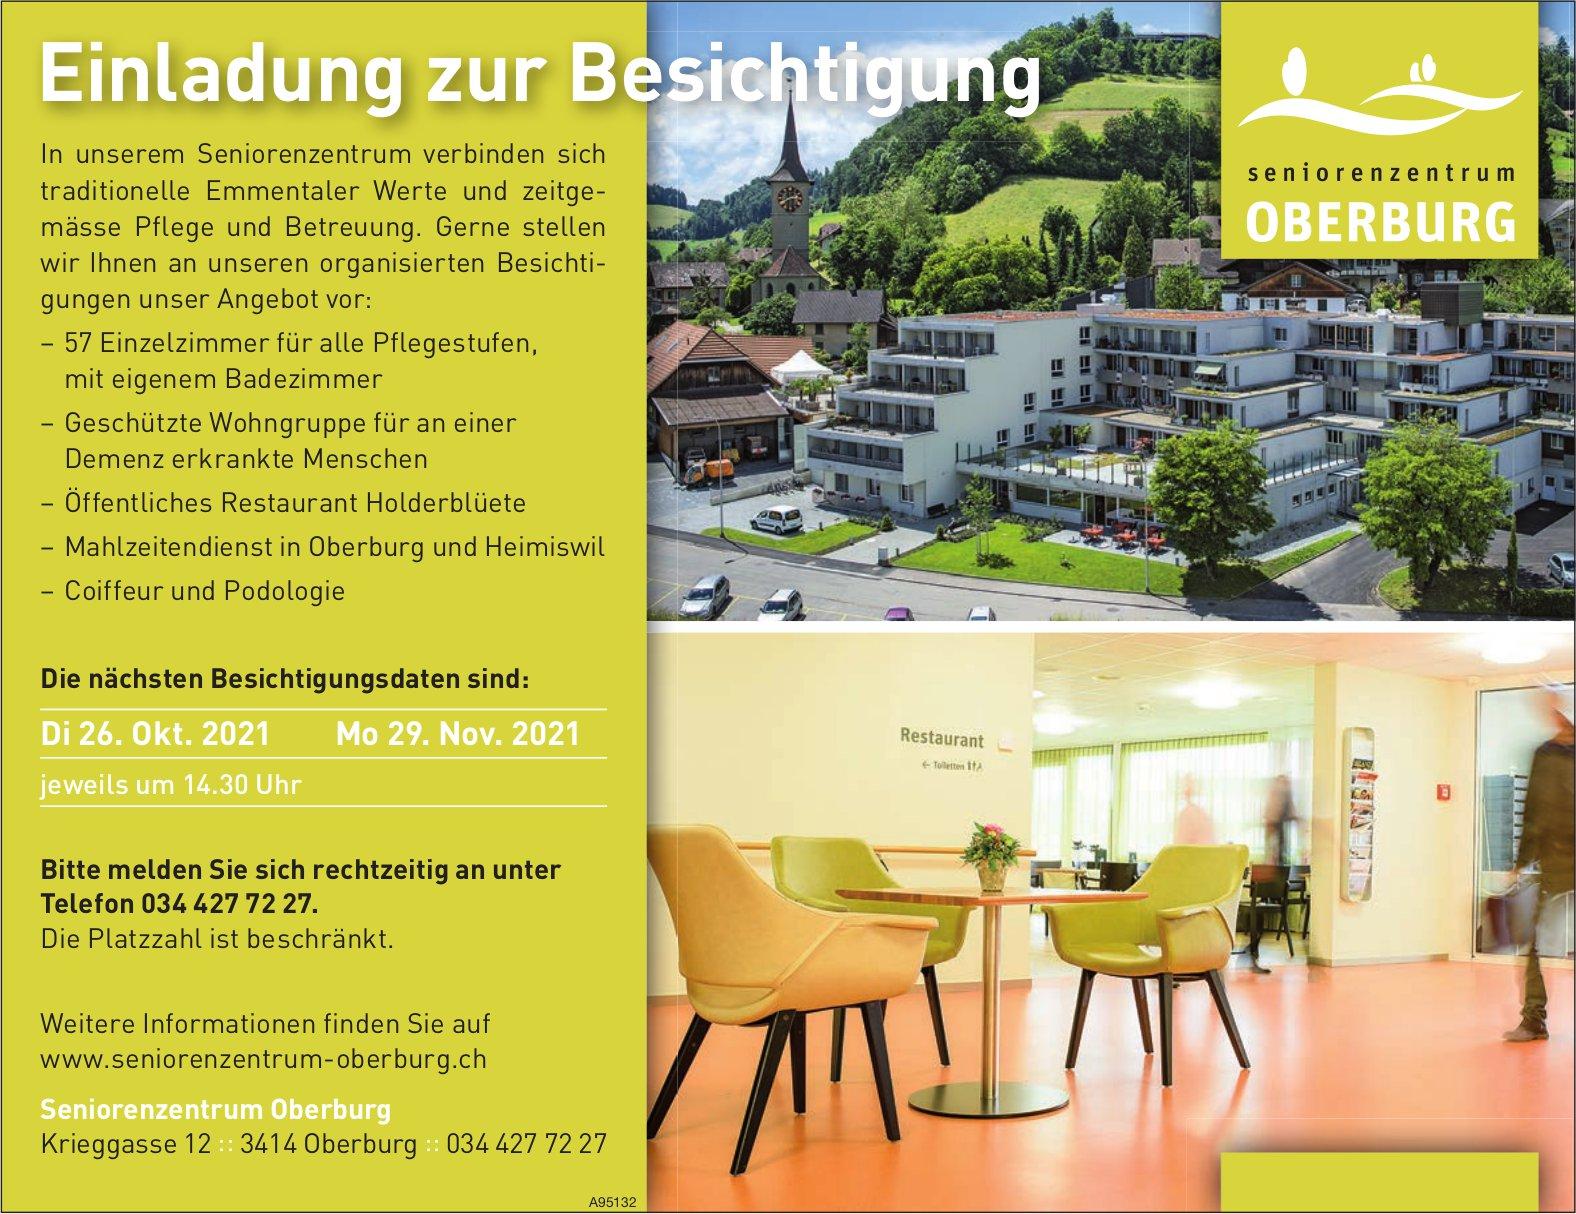 Seniorenzentrum Oberburg - Einladung zur Besichtigung, 26. Oktober und 29. November